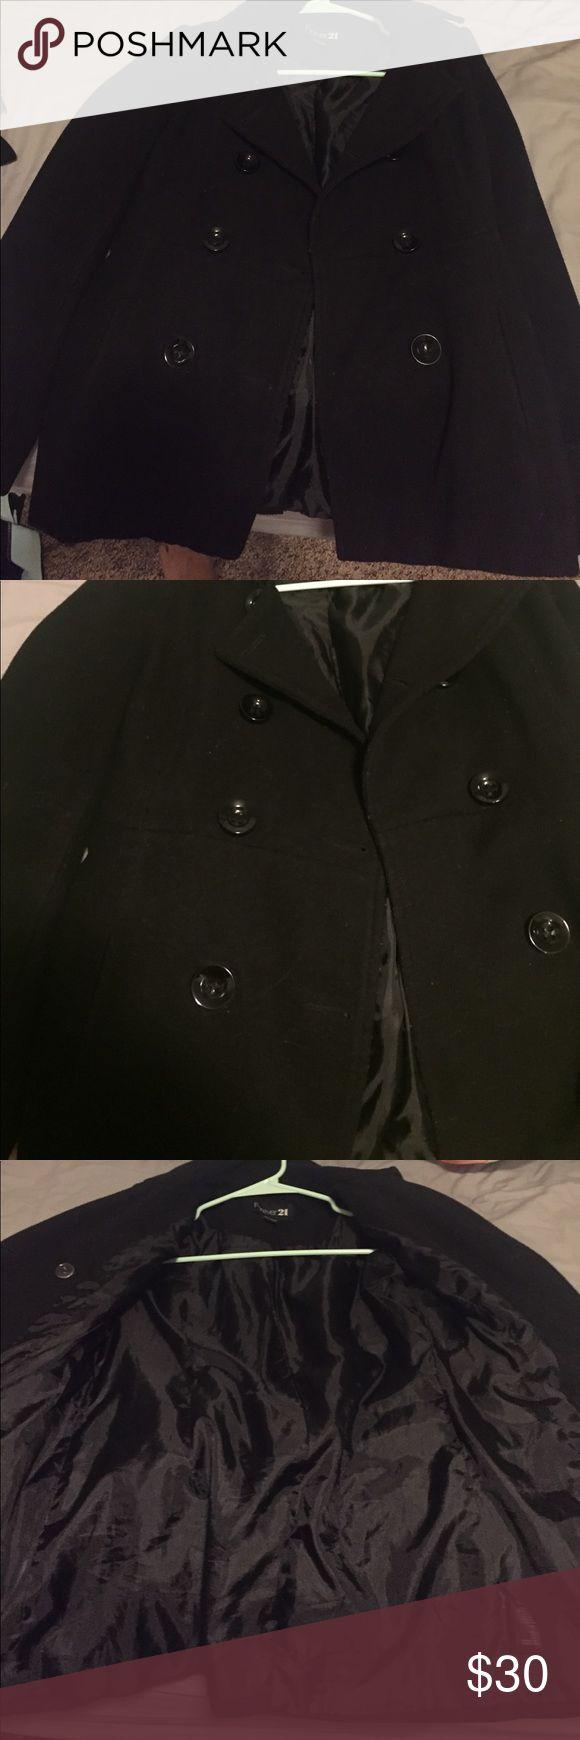 Black pea coat Forever 21 black pea coat jacket, very warm, very good condition Jackets & Coats Pea Coats